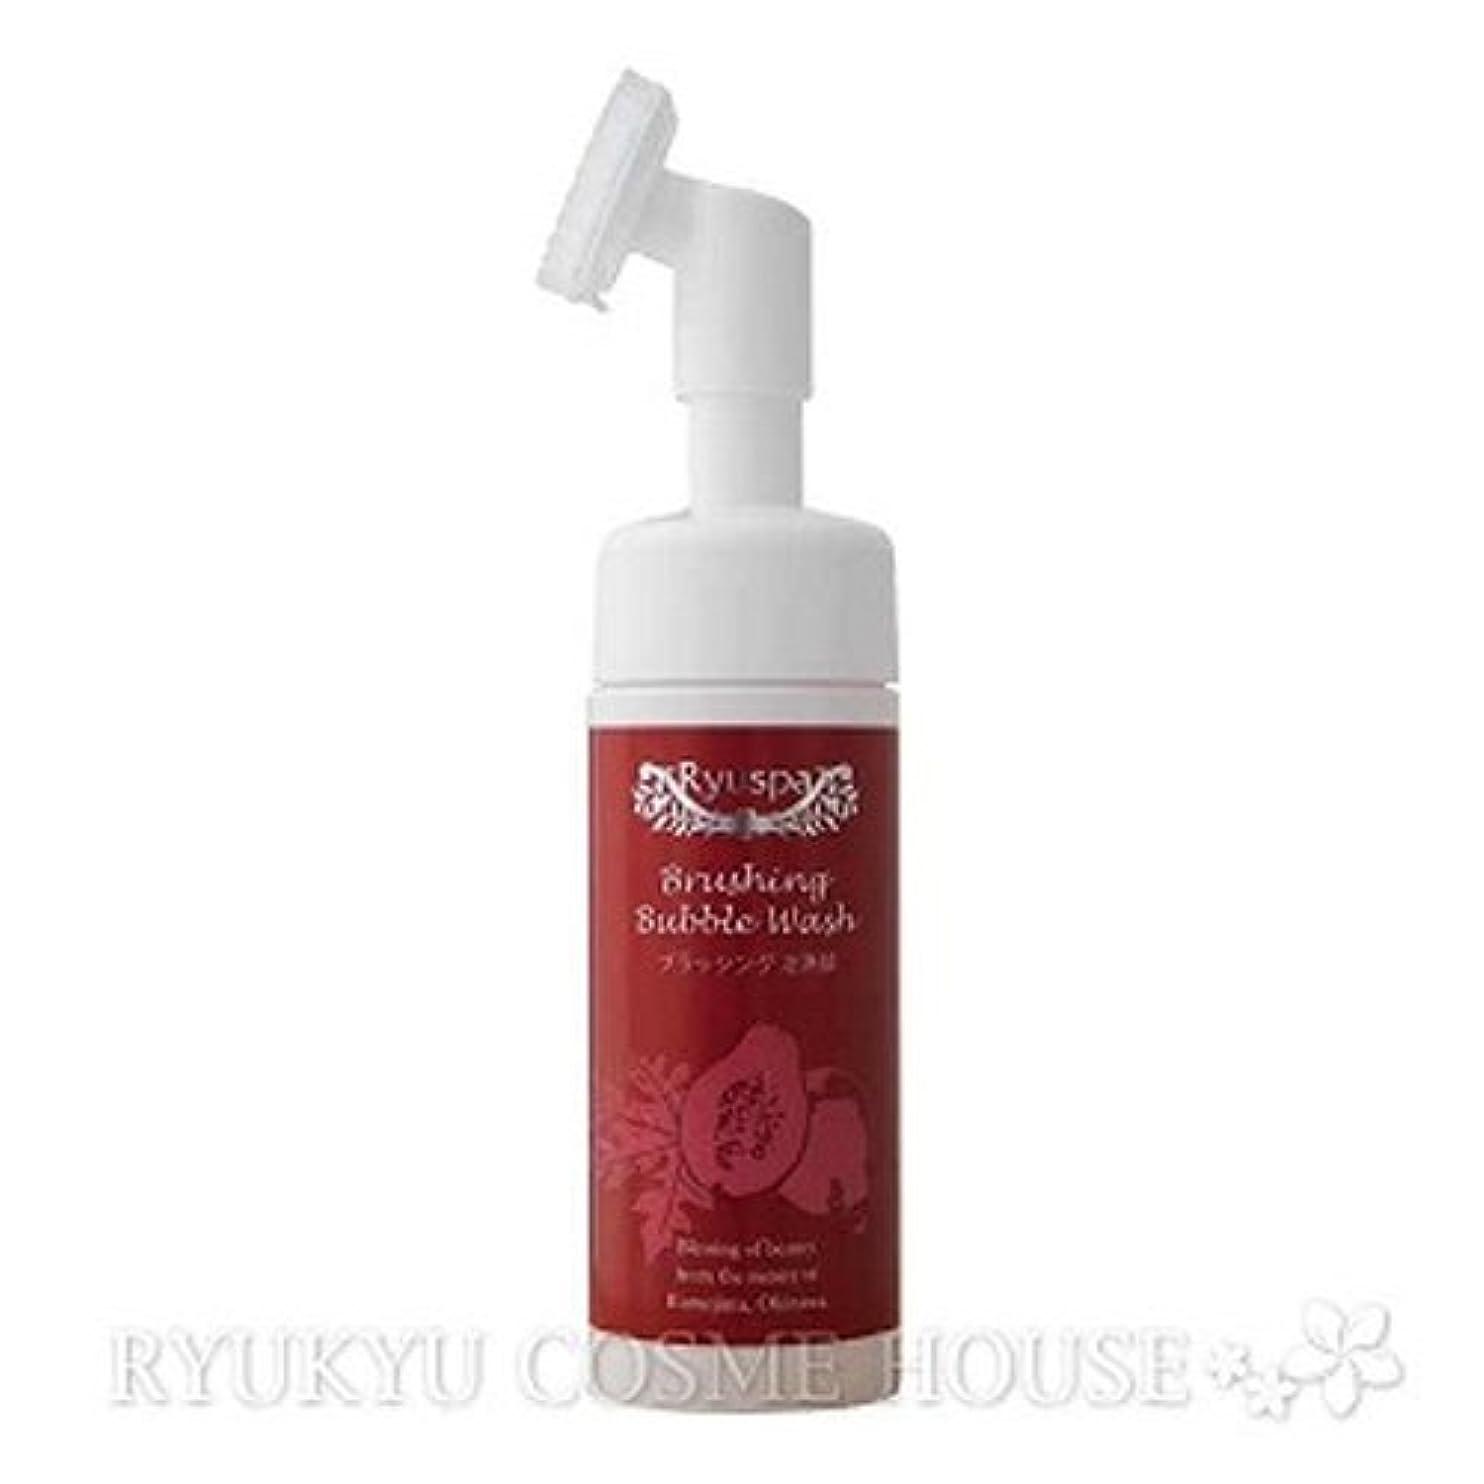 ペニークリアお誕生日Ryuspa リュウスパ 洗顔料 パパイン酵素 ブラッシング泡洗顔 150ml